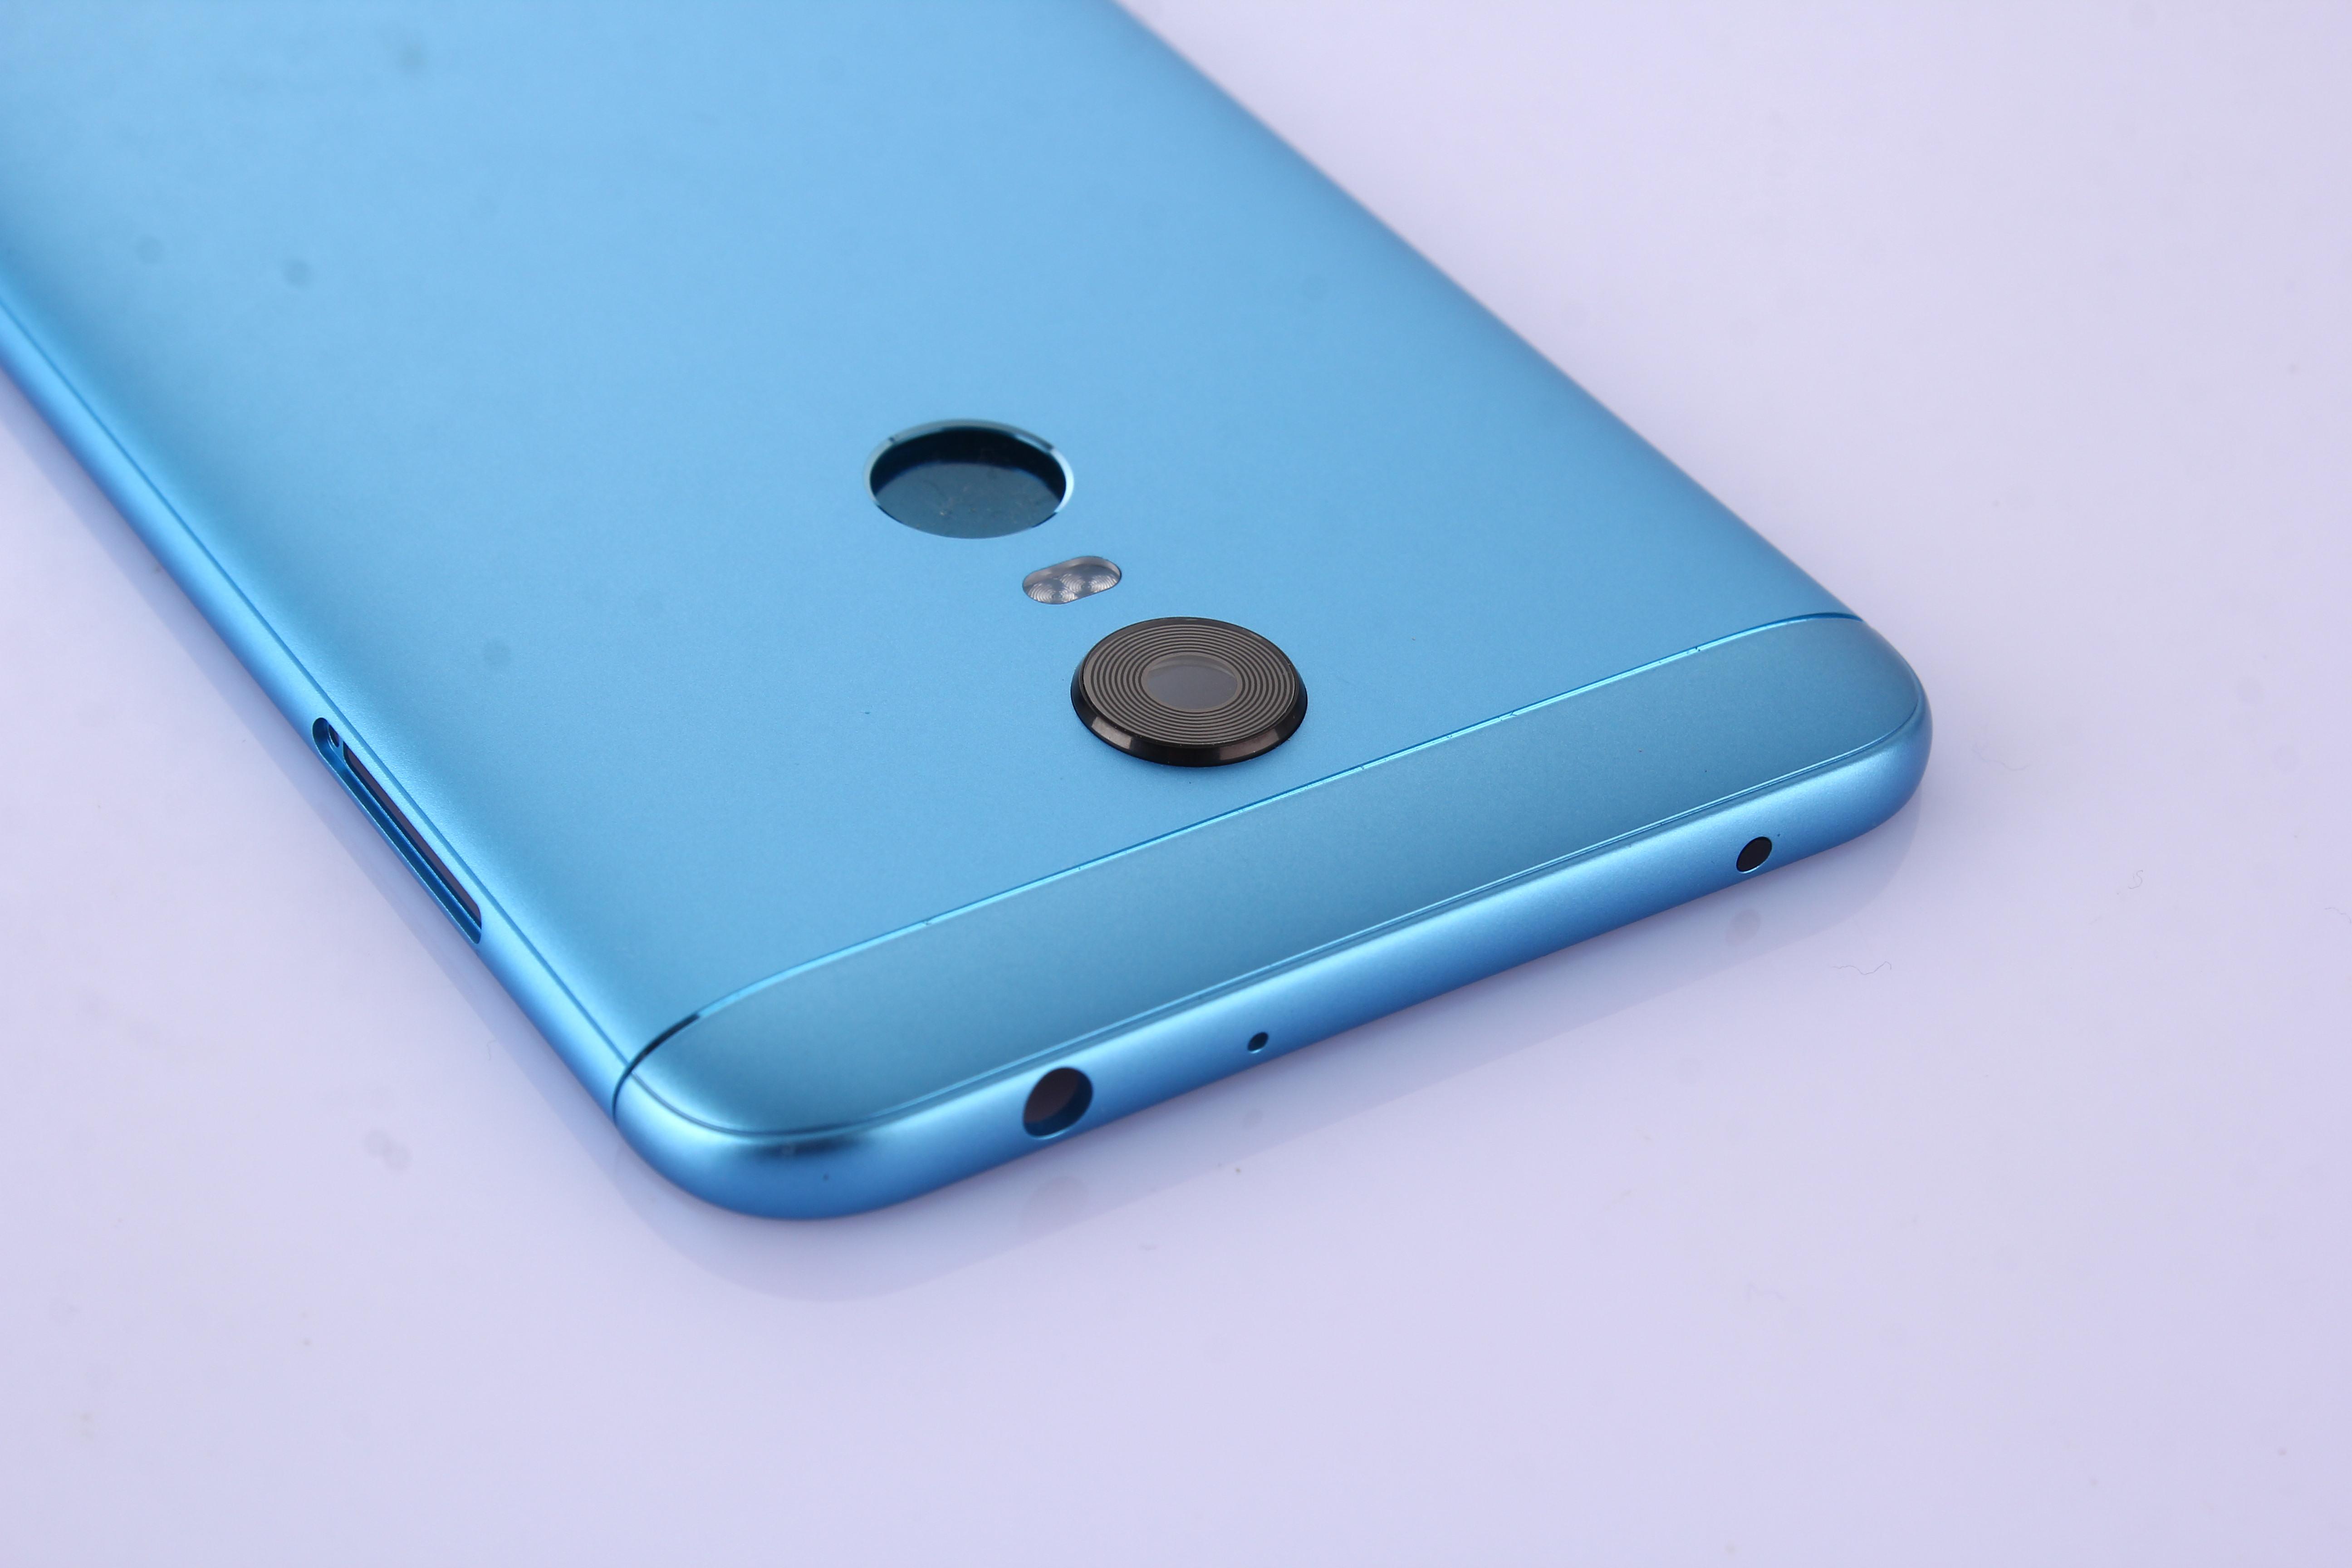 Yeuzoe Batterie Rückseitige Abdeckung Für xiaomi redmi 5 plus Gehäuse Fall Power Lautstärketasten für redmi5 plus batterieabdeckung ersatz